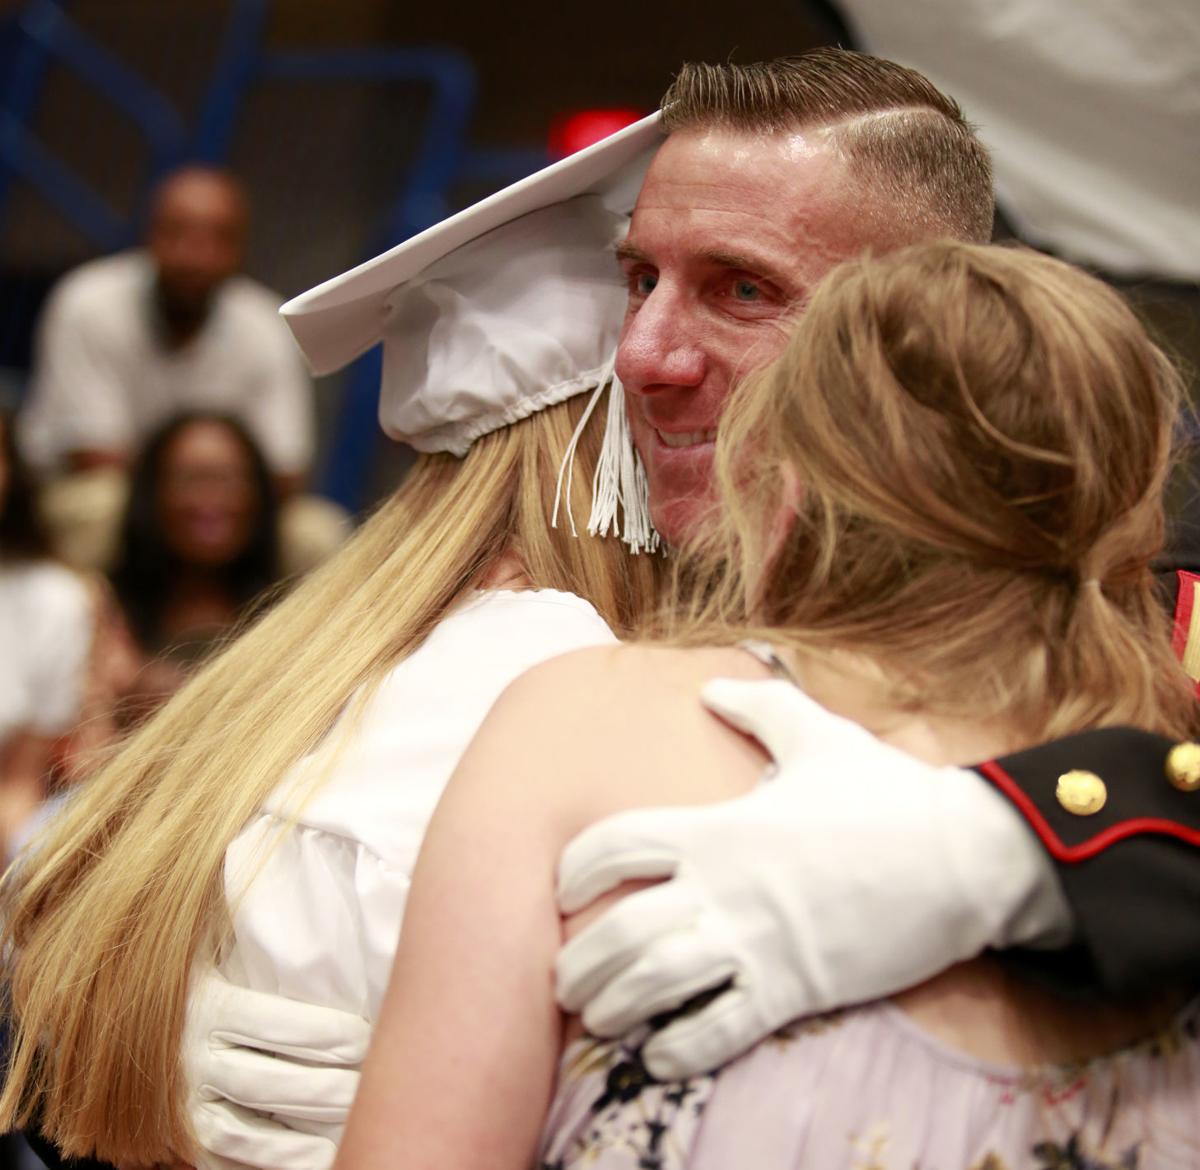 Marine dad surprises daughter at graduation